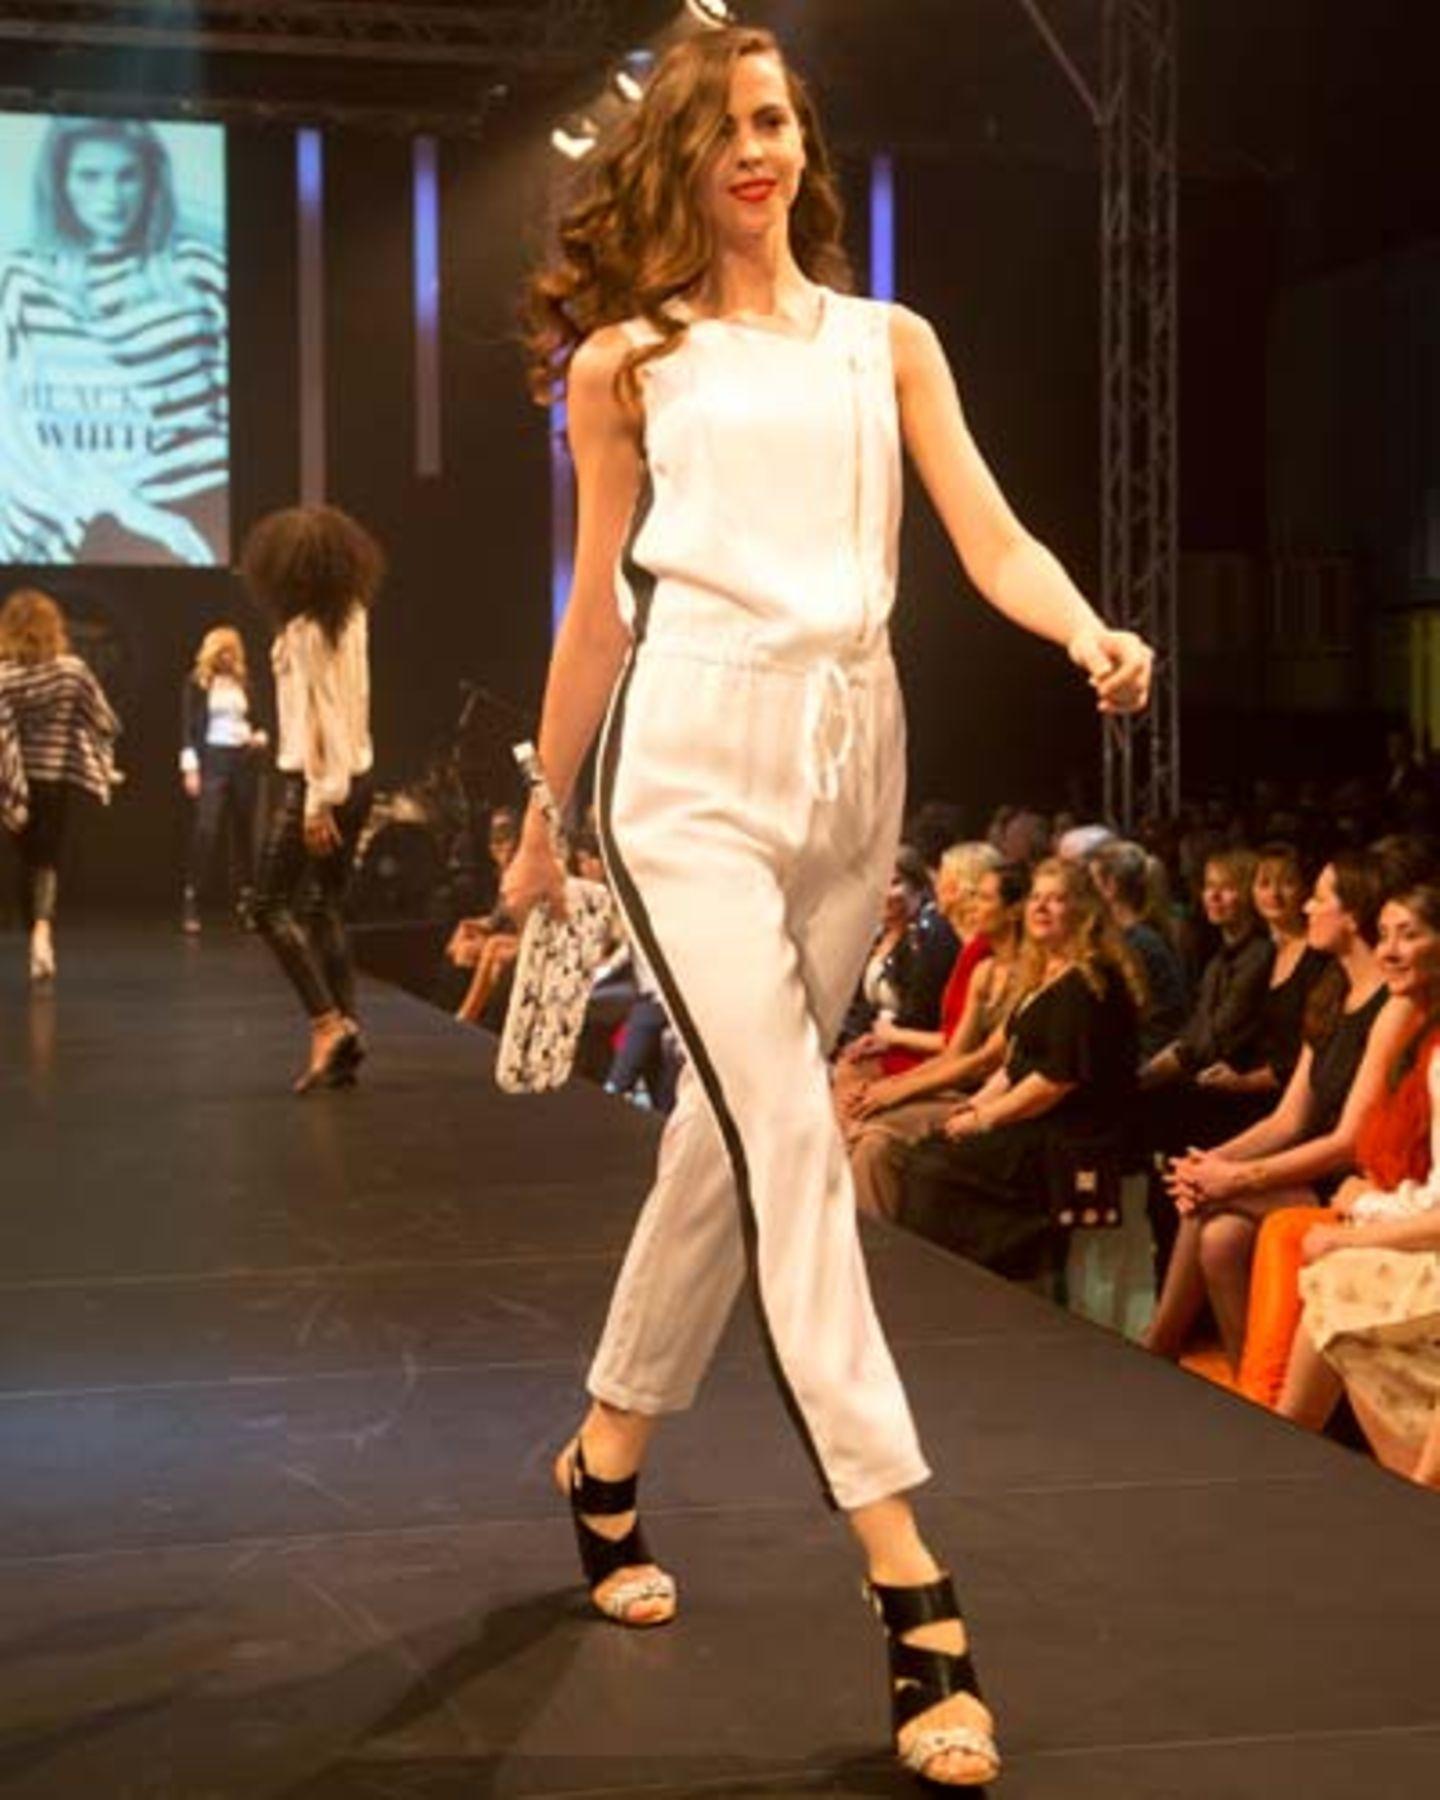 Der Overall ist von Blacky Dress, die Tasche von Lacoste und die Schuhe sind von JustFab.